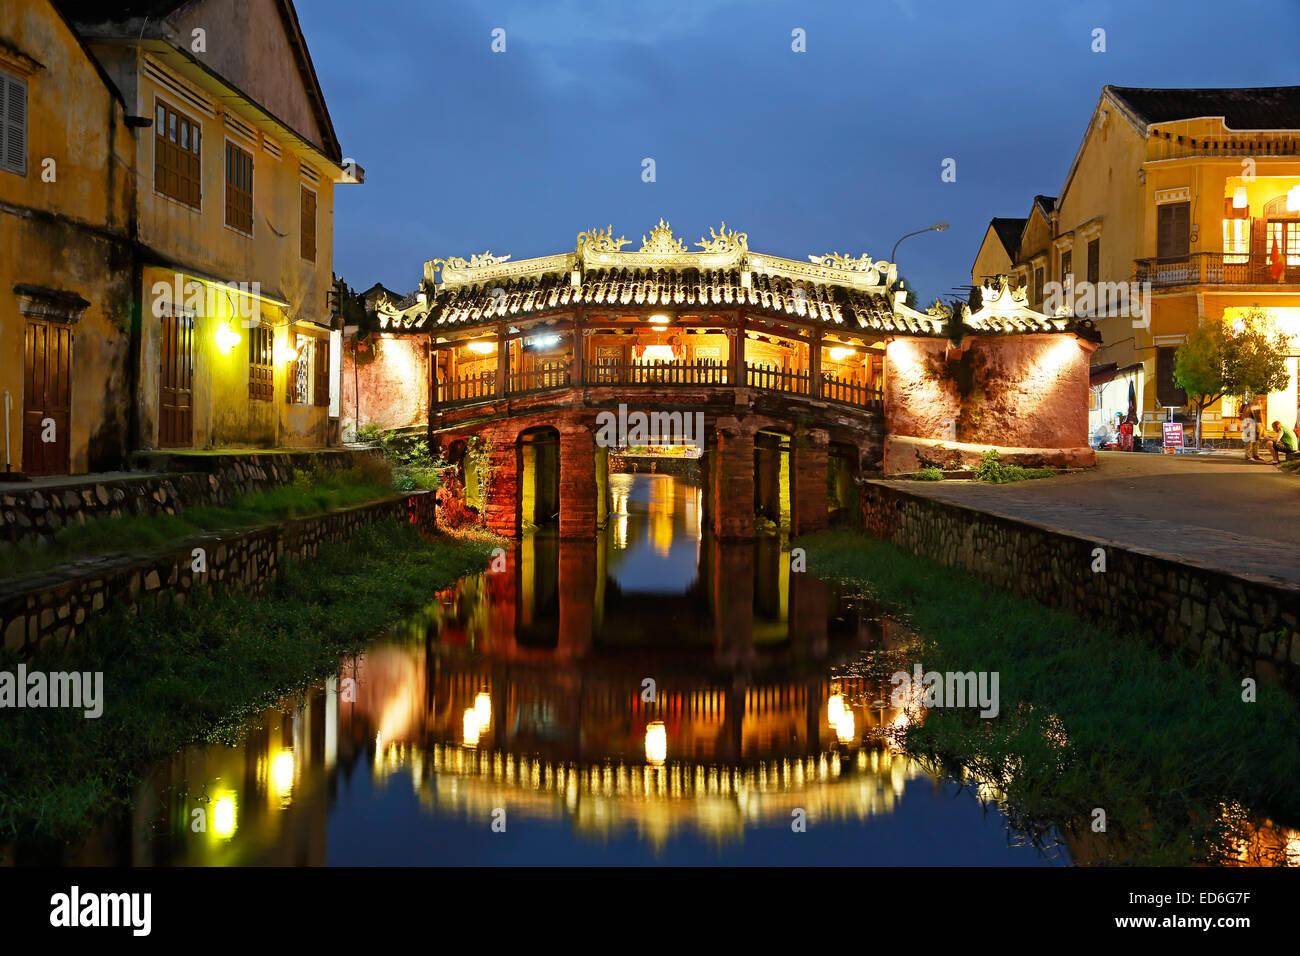 Japanese Covered Bridge spiegelt sich am Kanal, Hoi an, Vietnam Stockbild